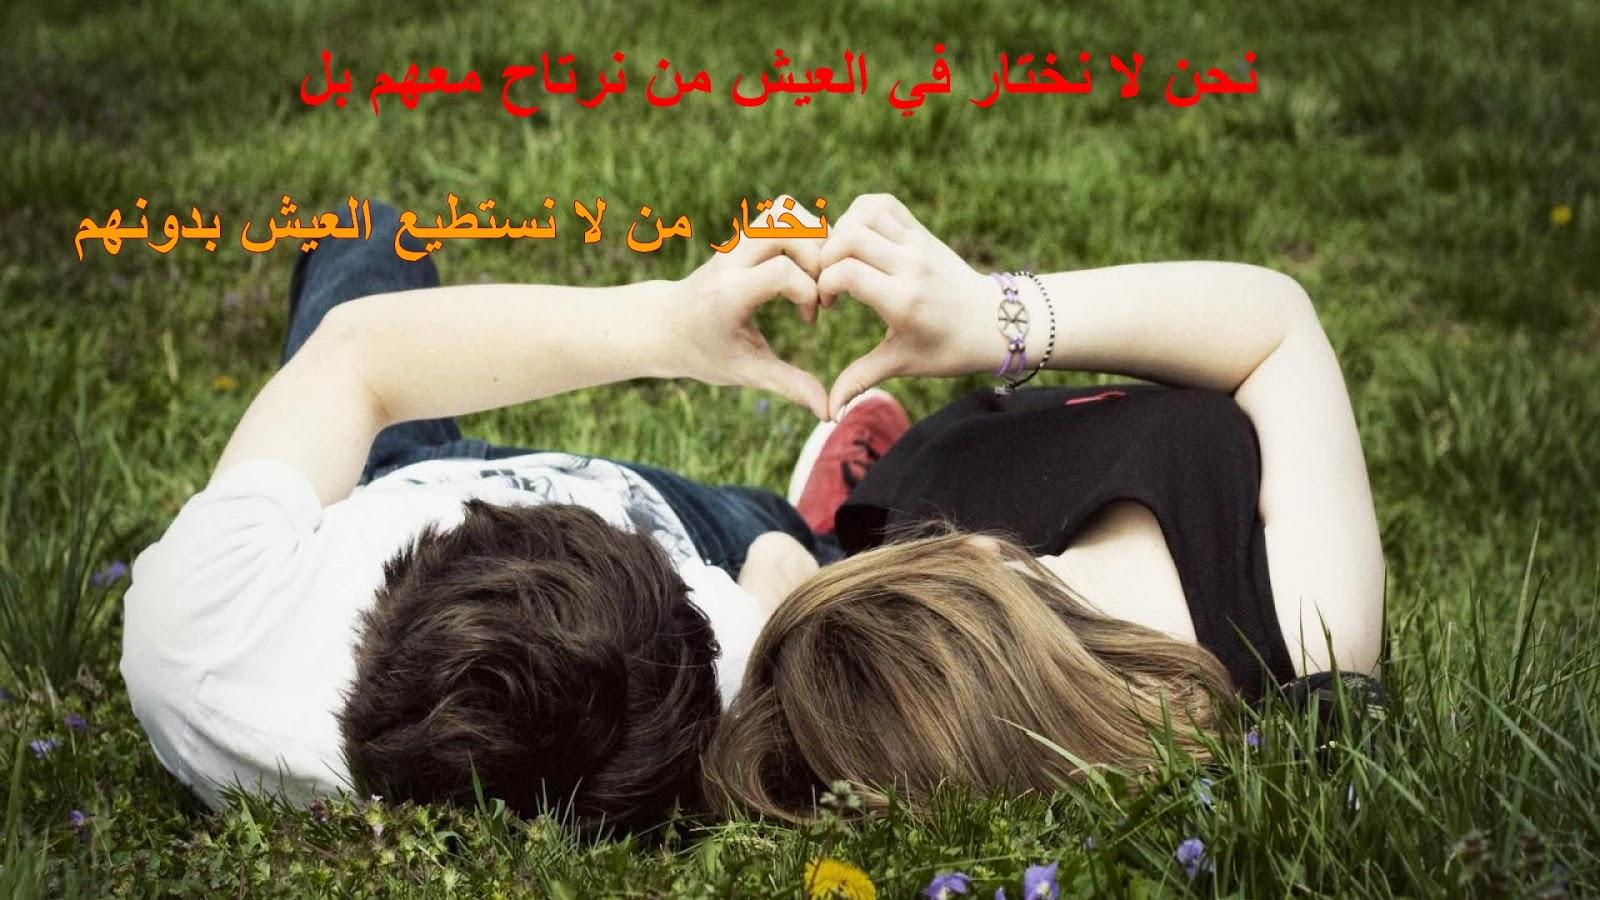 بالصور صور حب رمنسيه , اجمل بوستات حب 4831 2